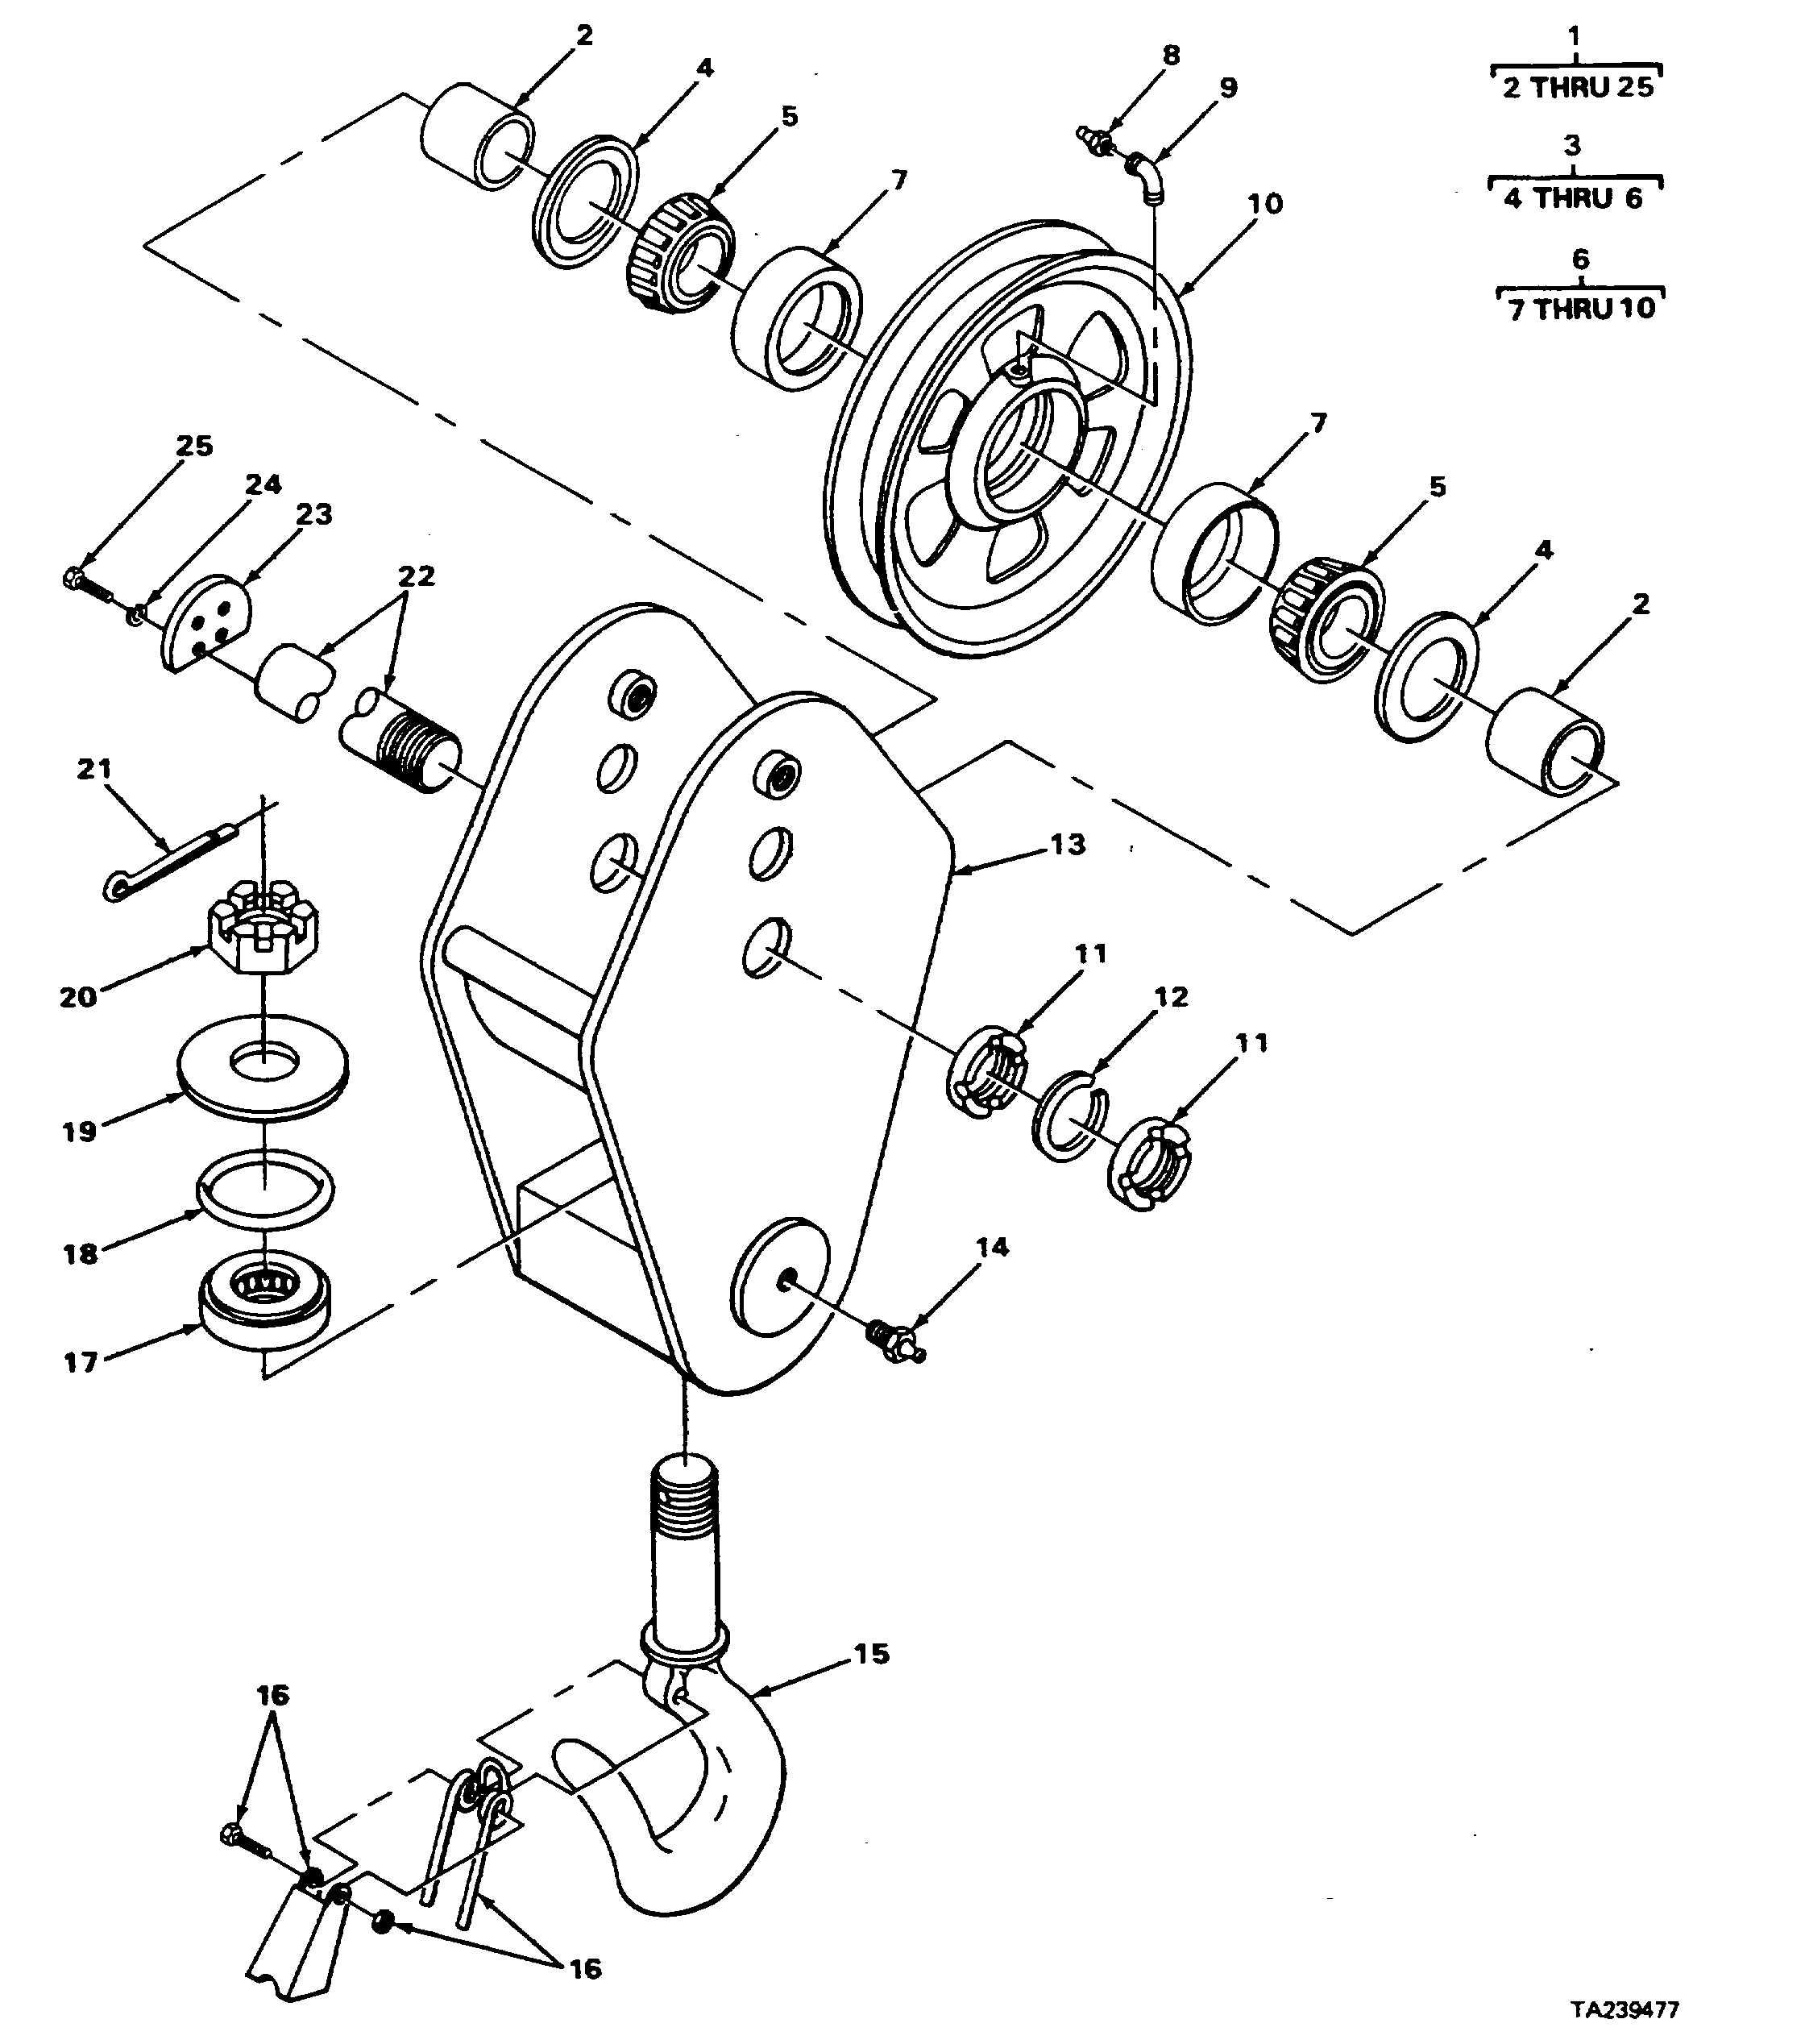 sound system hook up diagram sound engine image for user manual